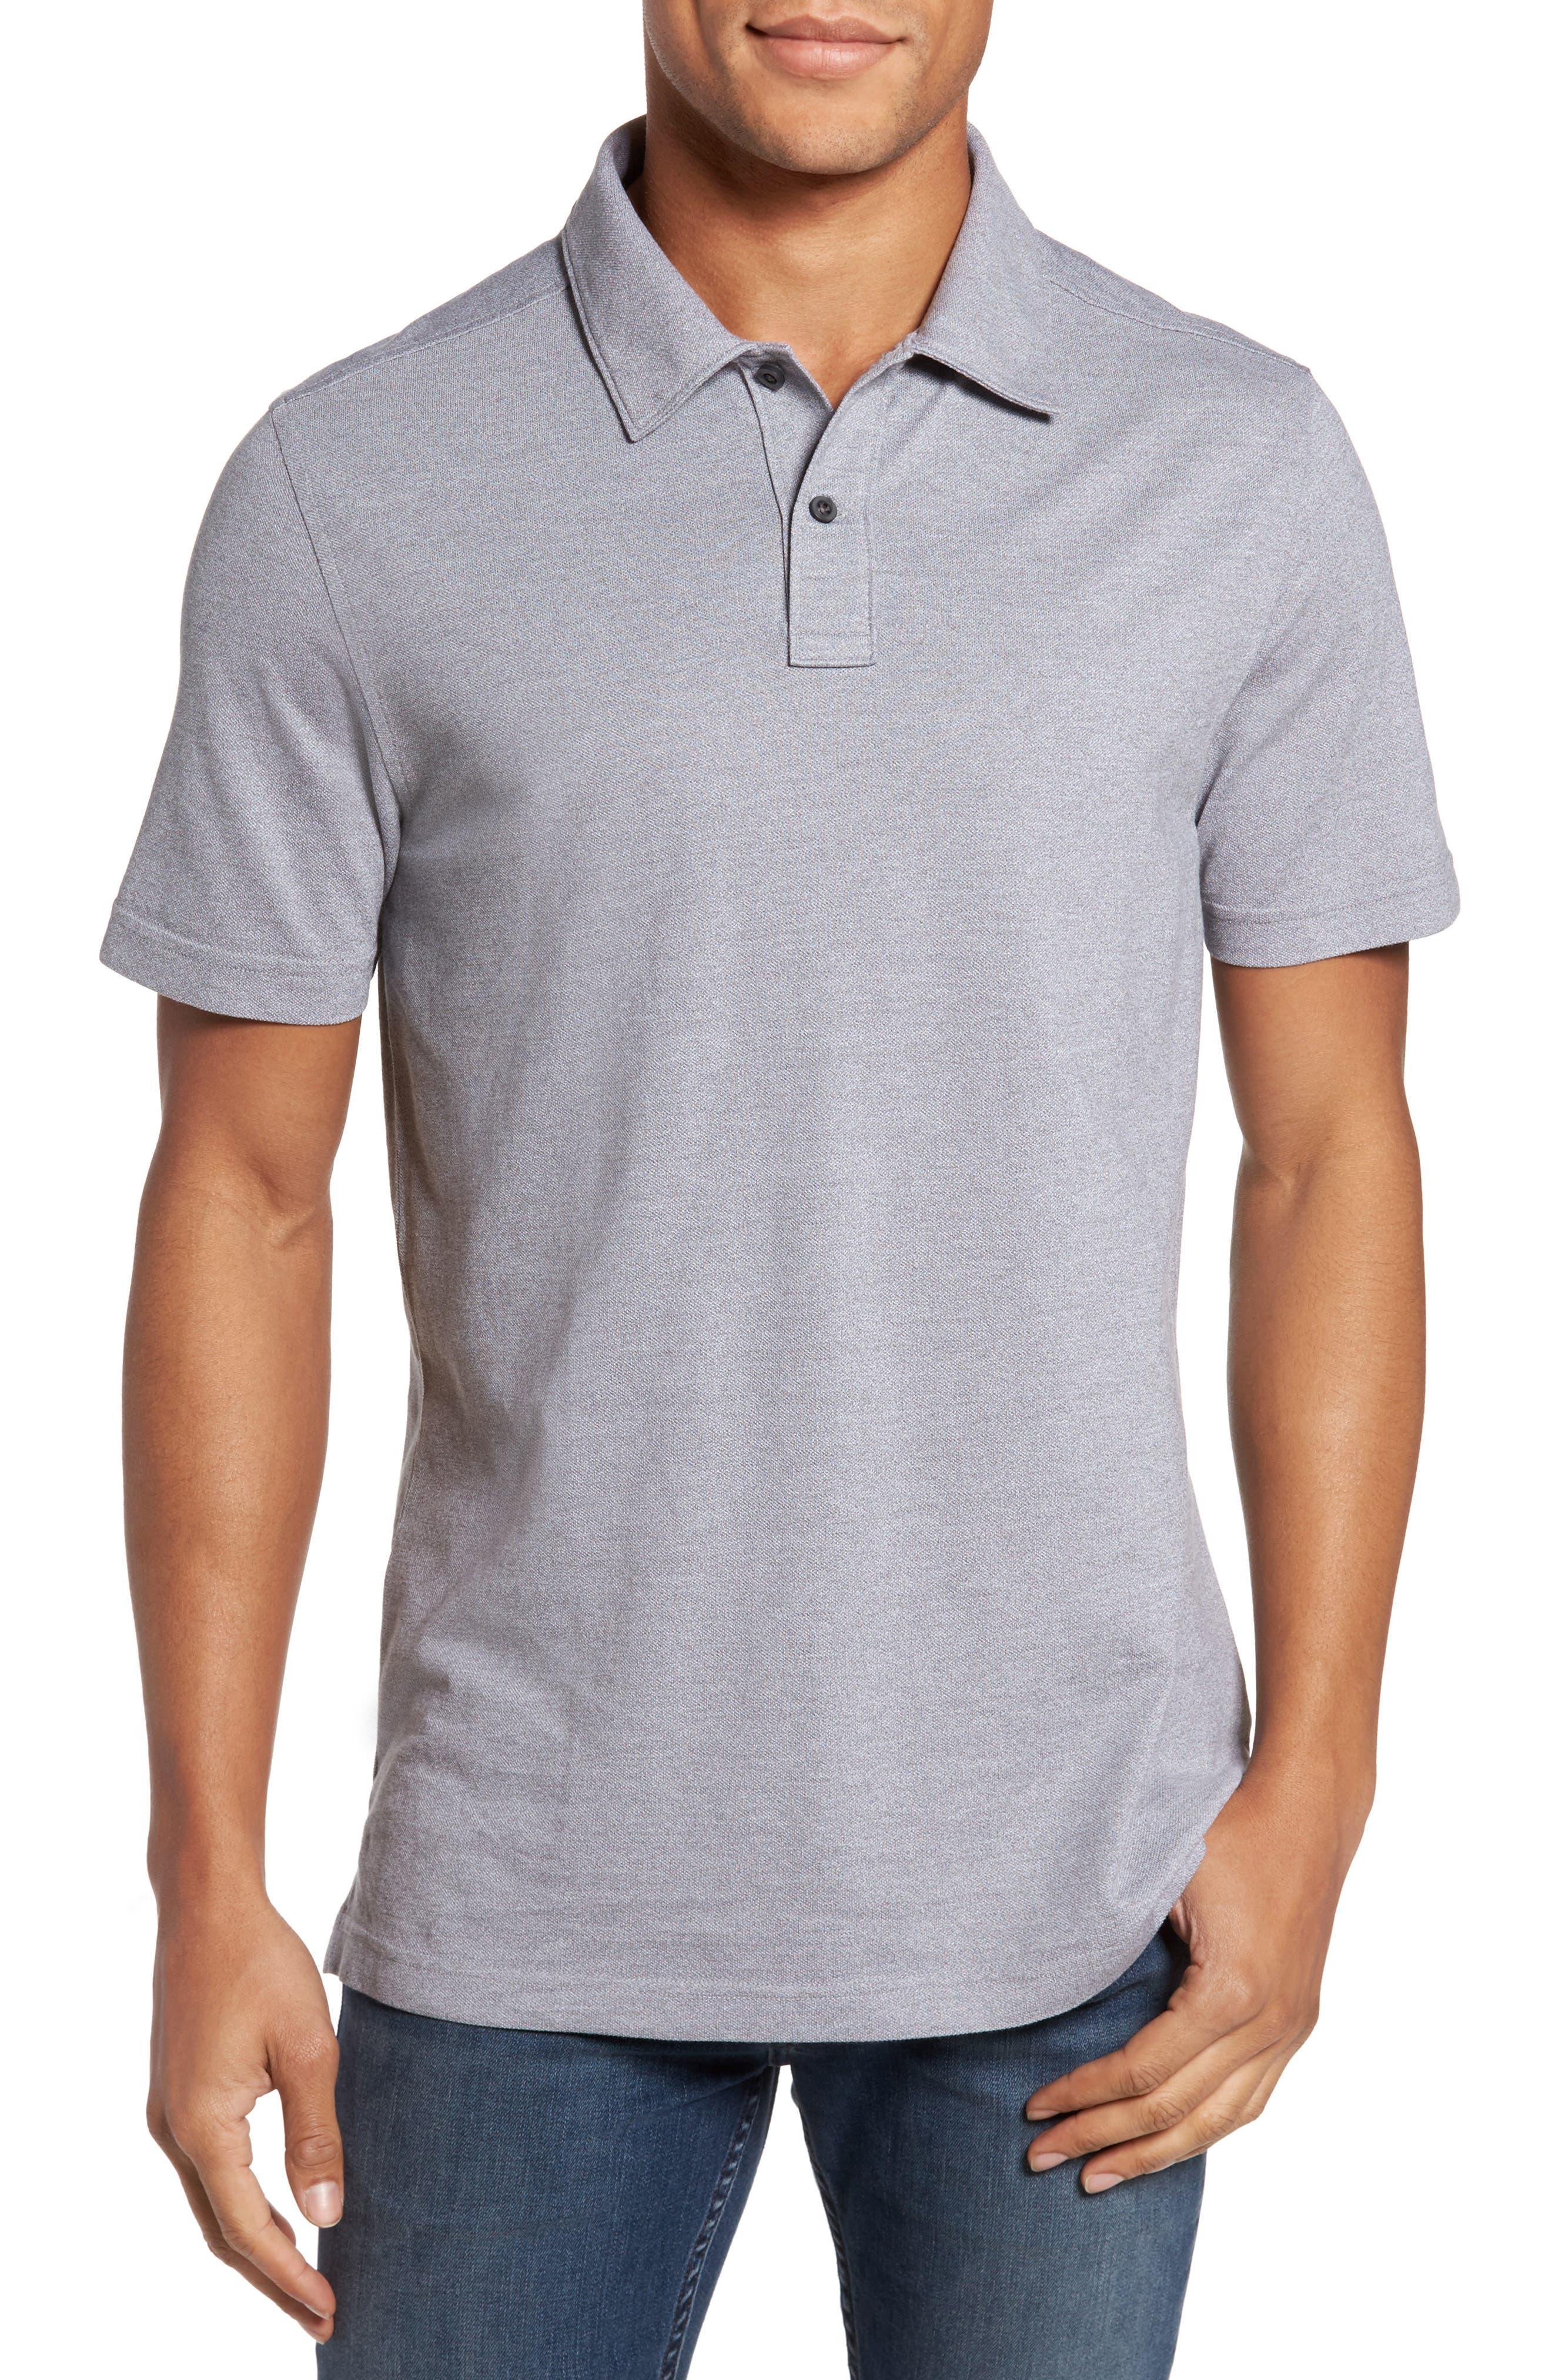 Alternate Image 1 Selected - Nordstrom Men's Shop Regular Fit Polo